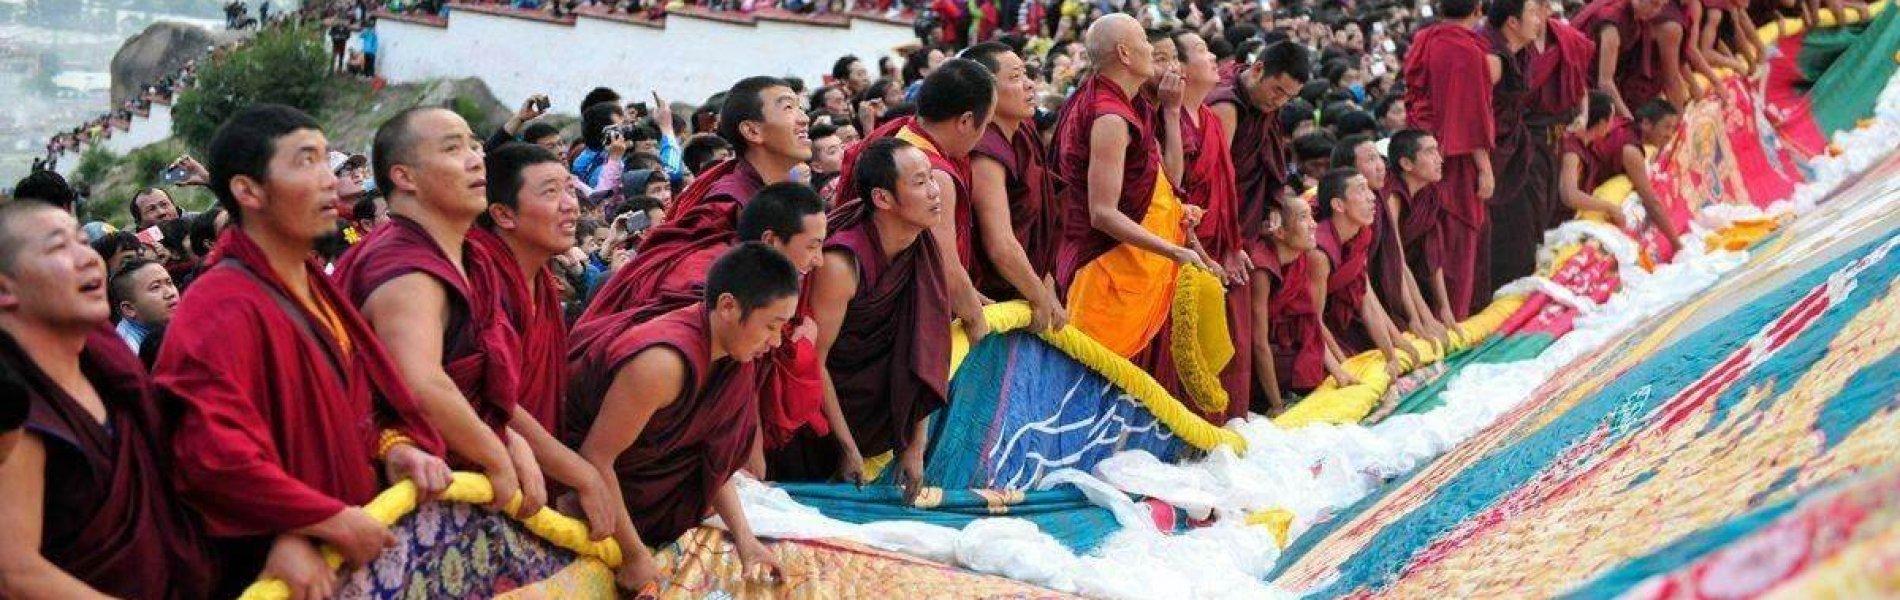 Festival in Tibet